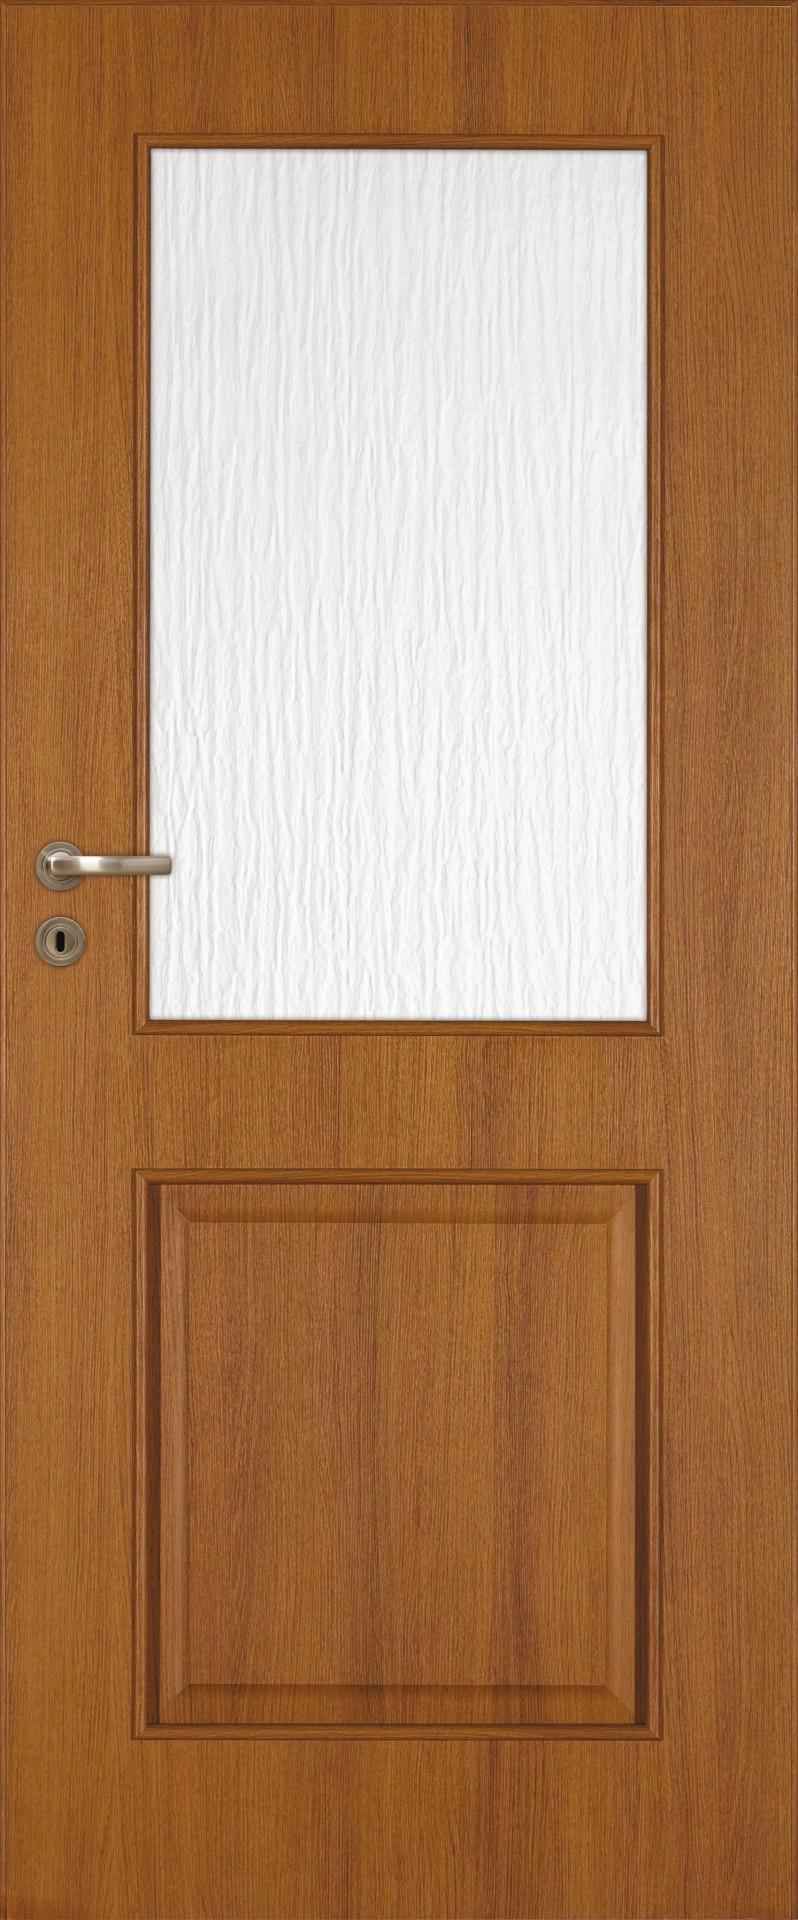 Dre dveře Fano 30, Šíře v cm 90